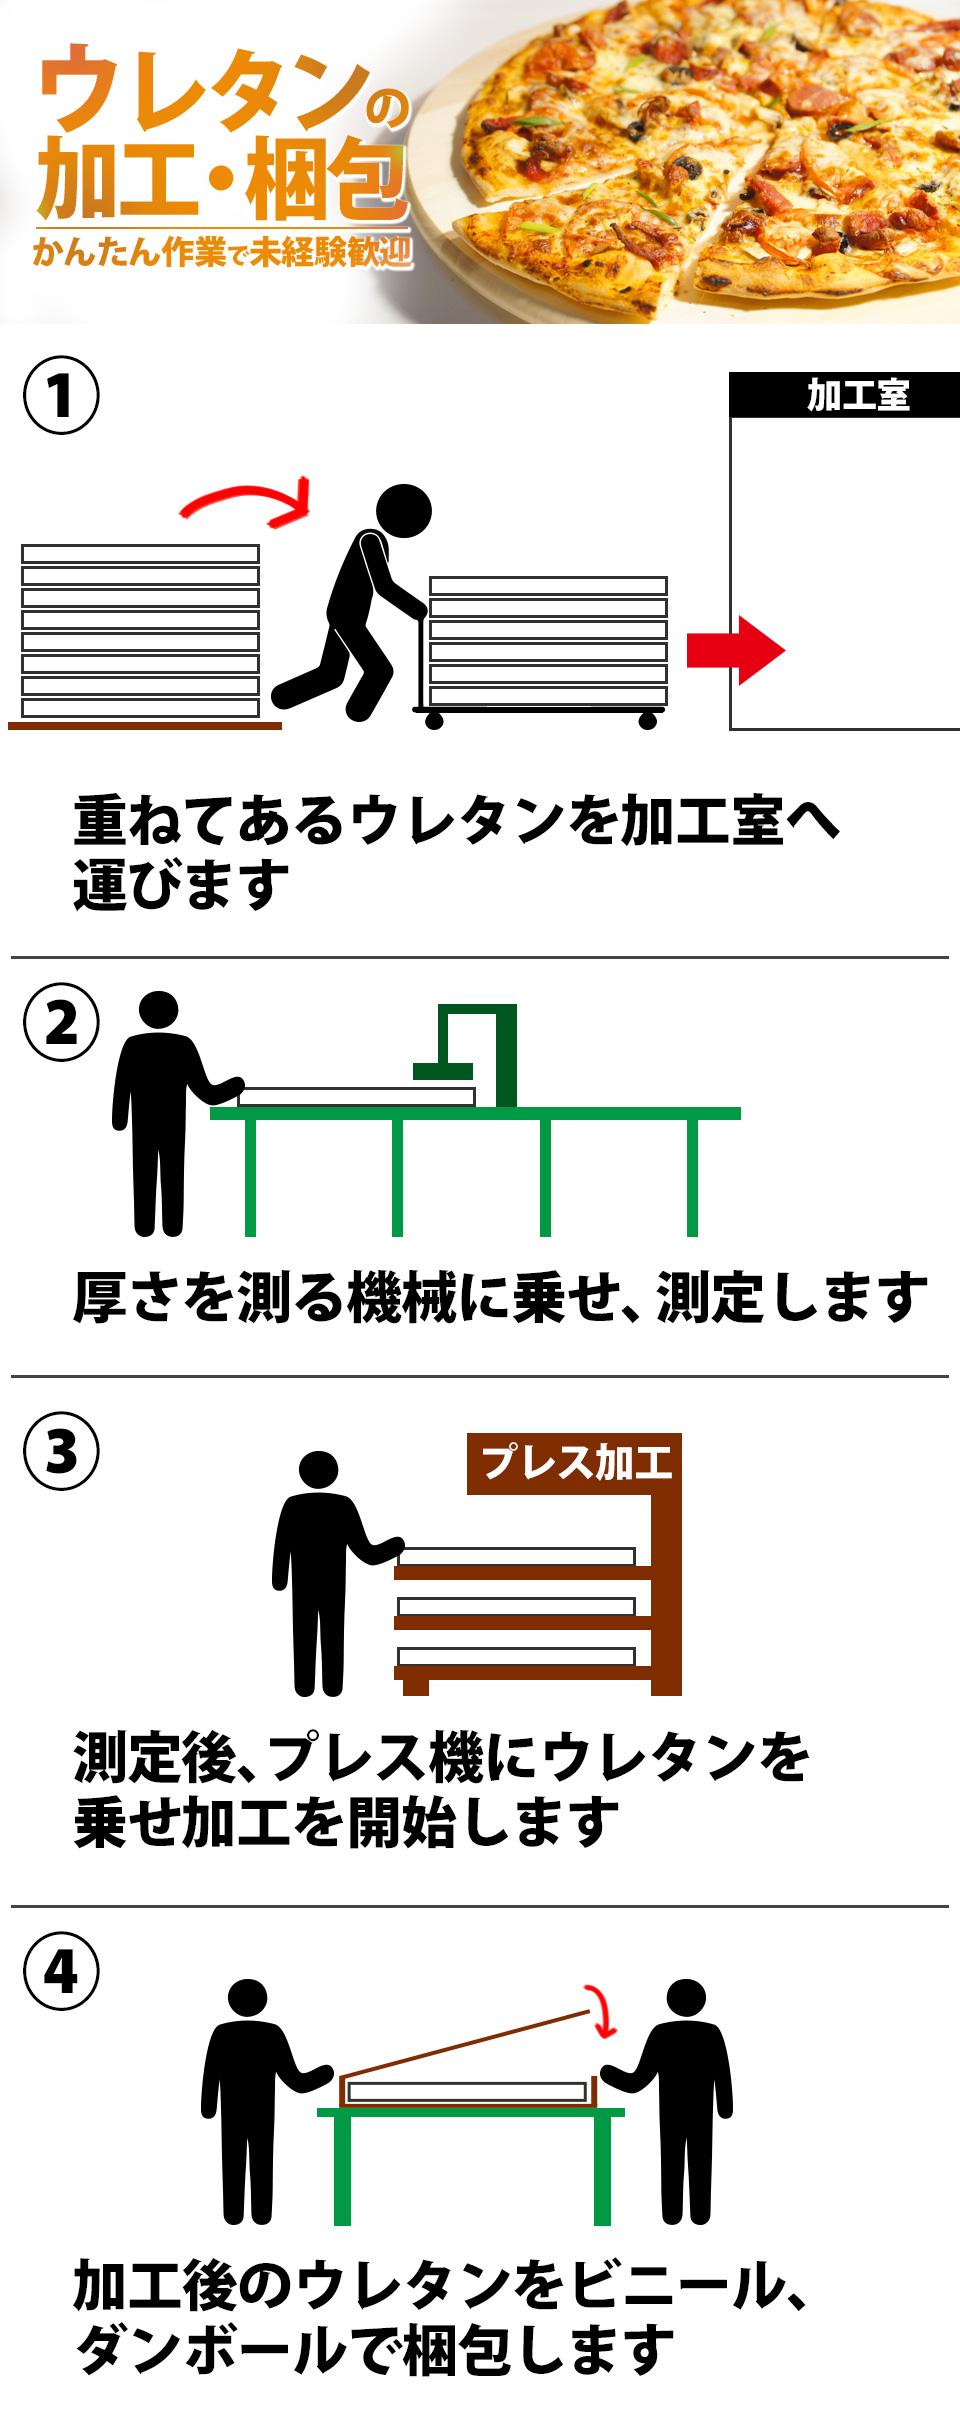 ウレタンの加工・梱包 愛知県新城市の派遣社員求人